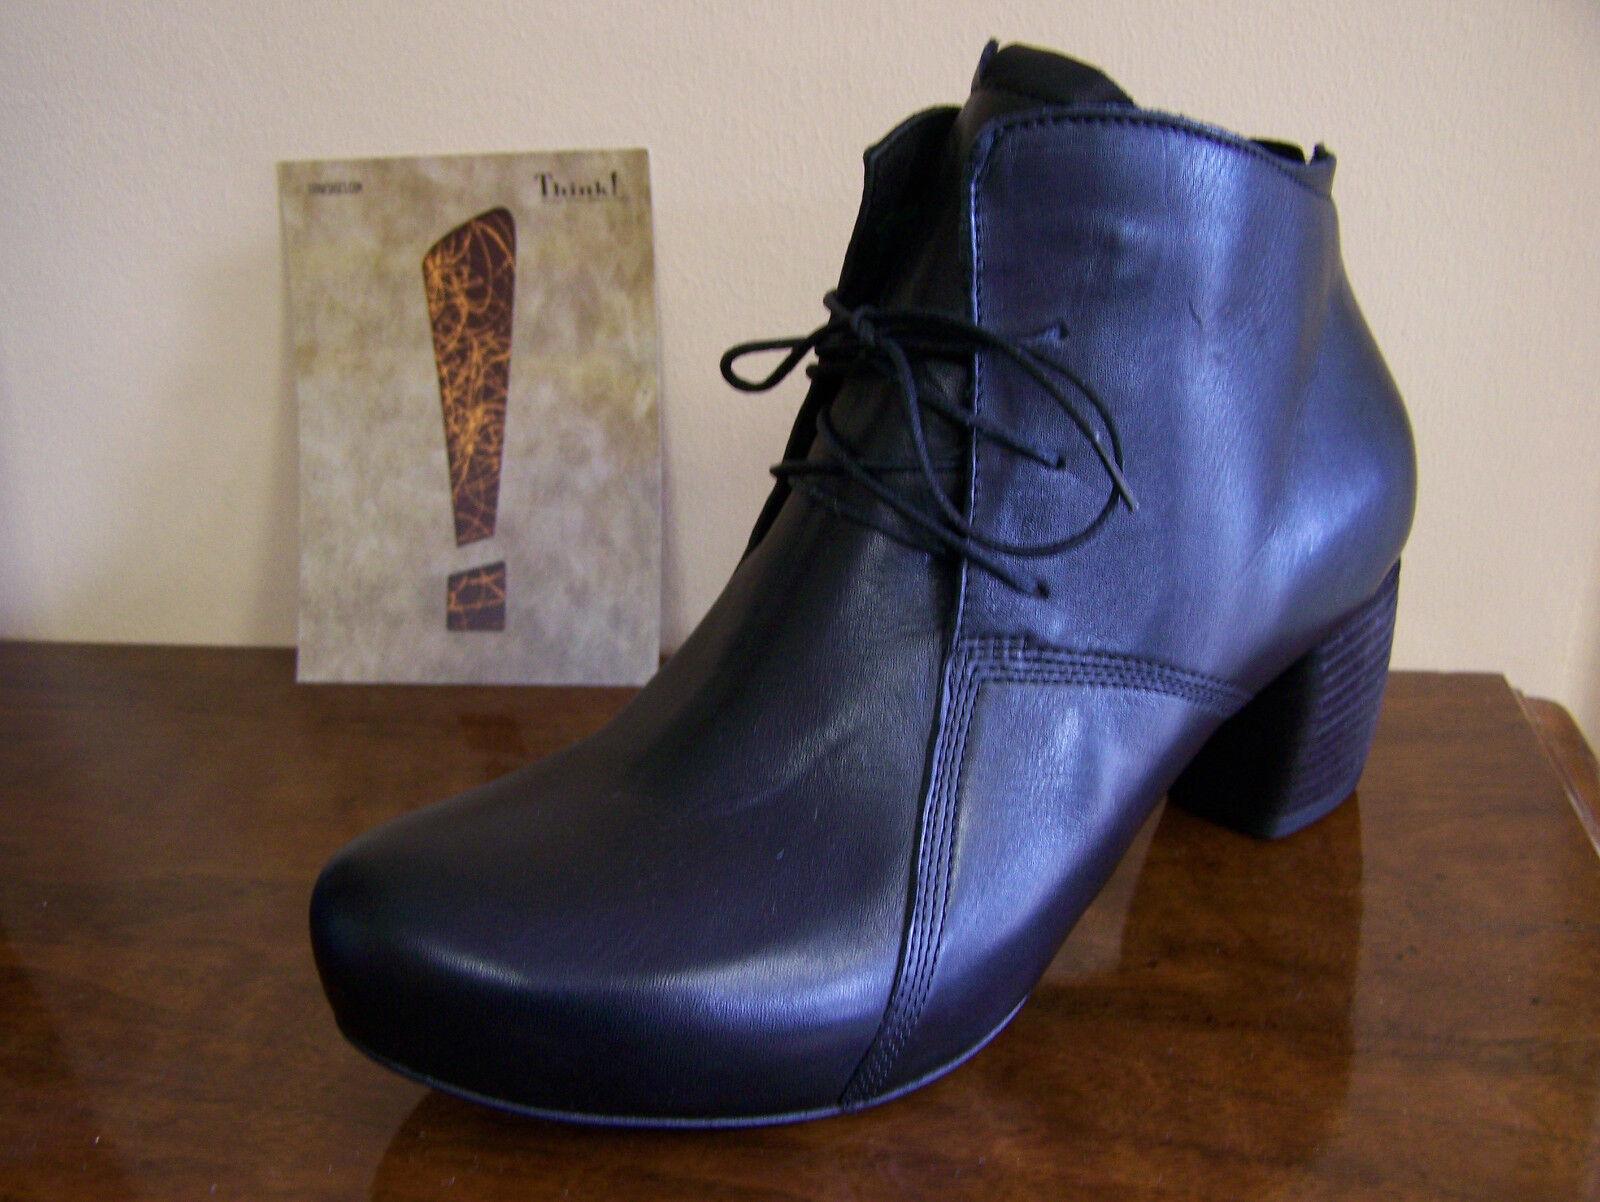 Grandes zapatos con descuento THINK SCHUHE Stiefelette SASSO schwarz Lederfutter + Schuhbeutel auch für GOTHIC